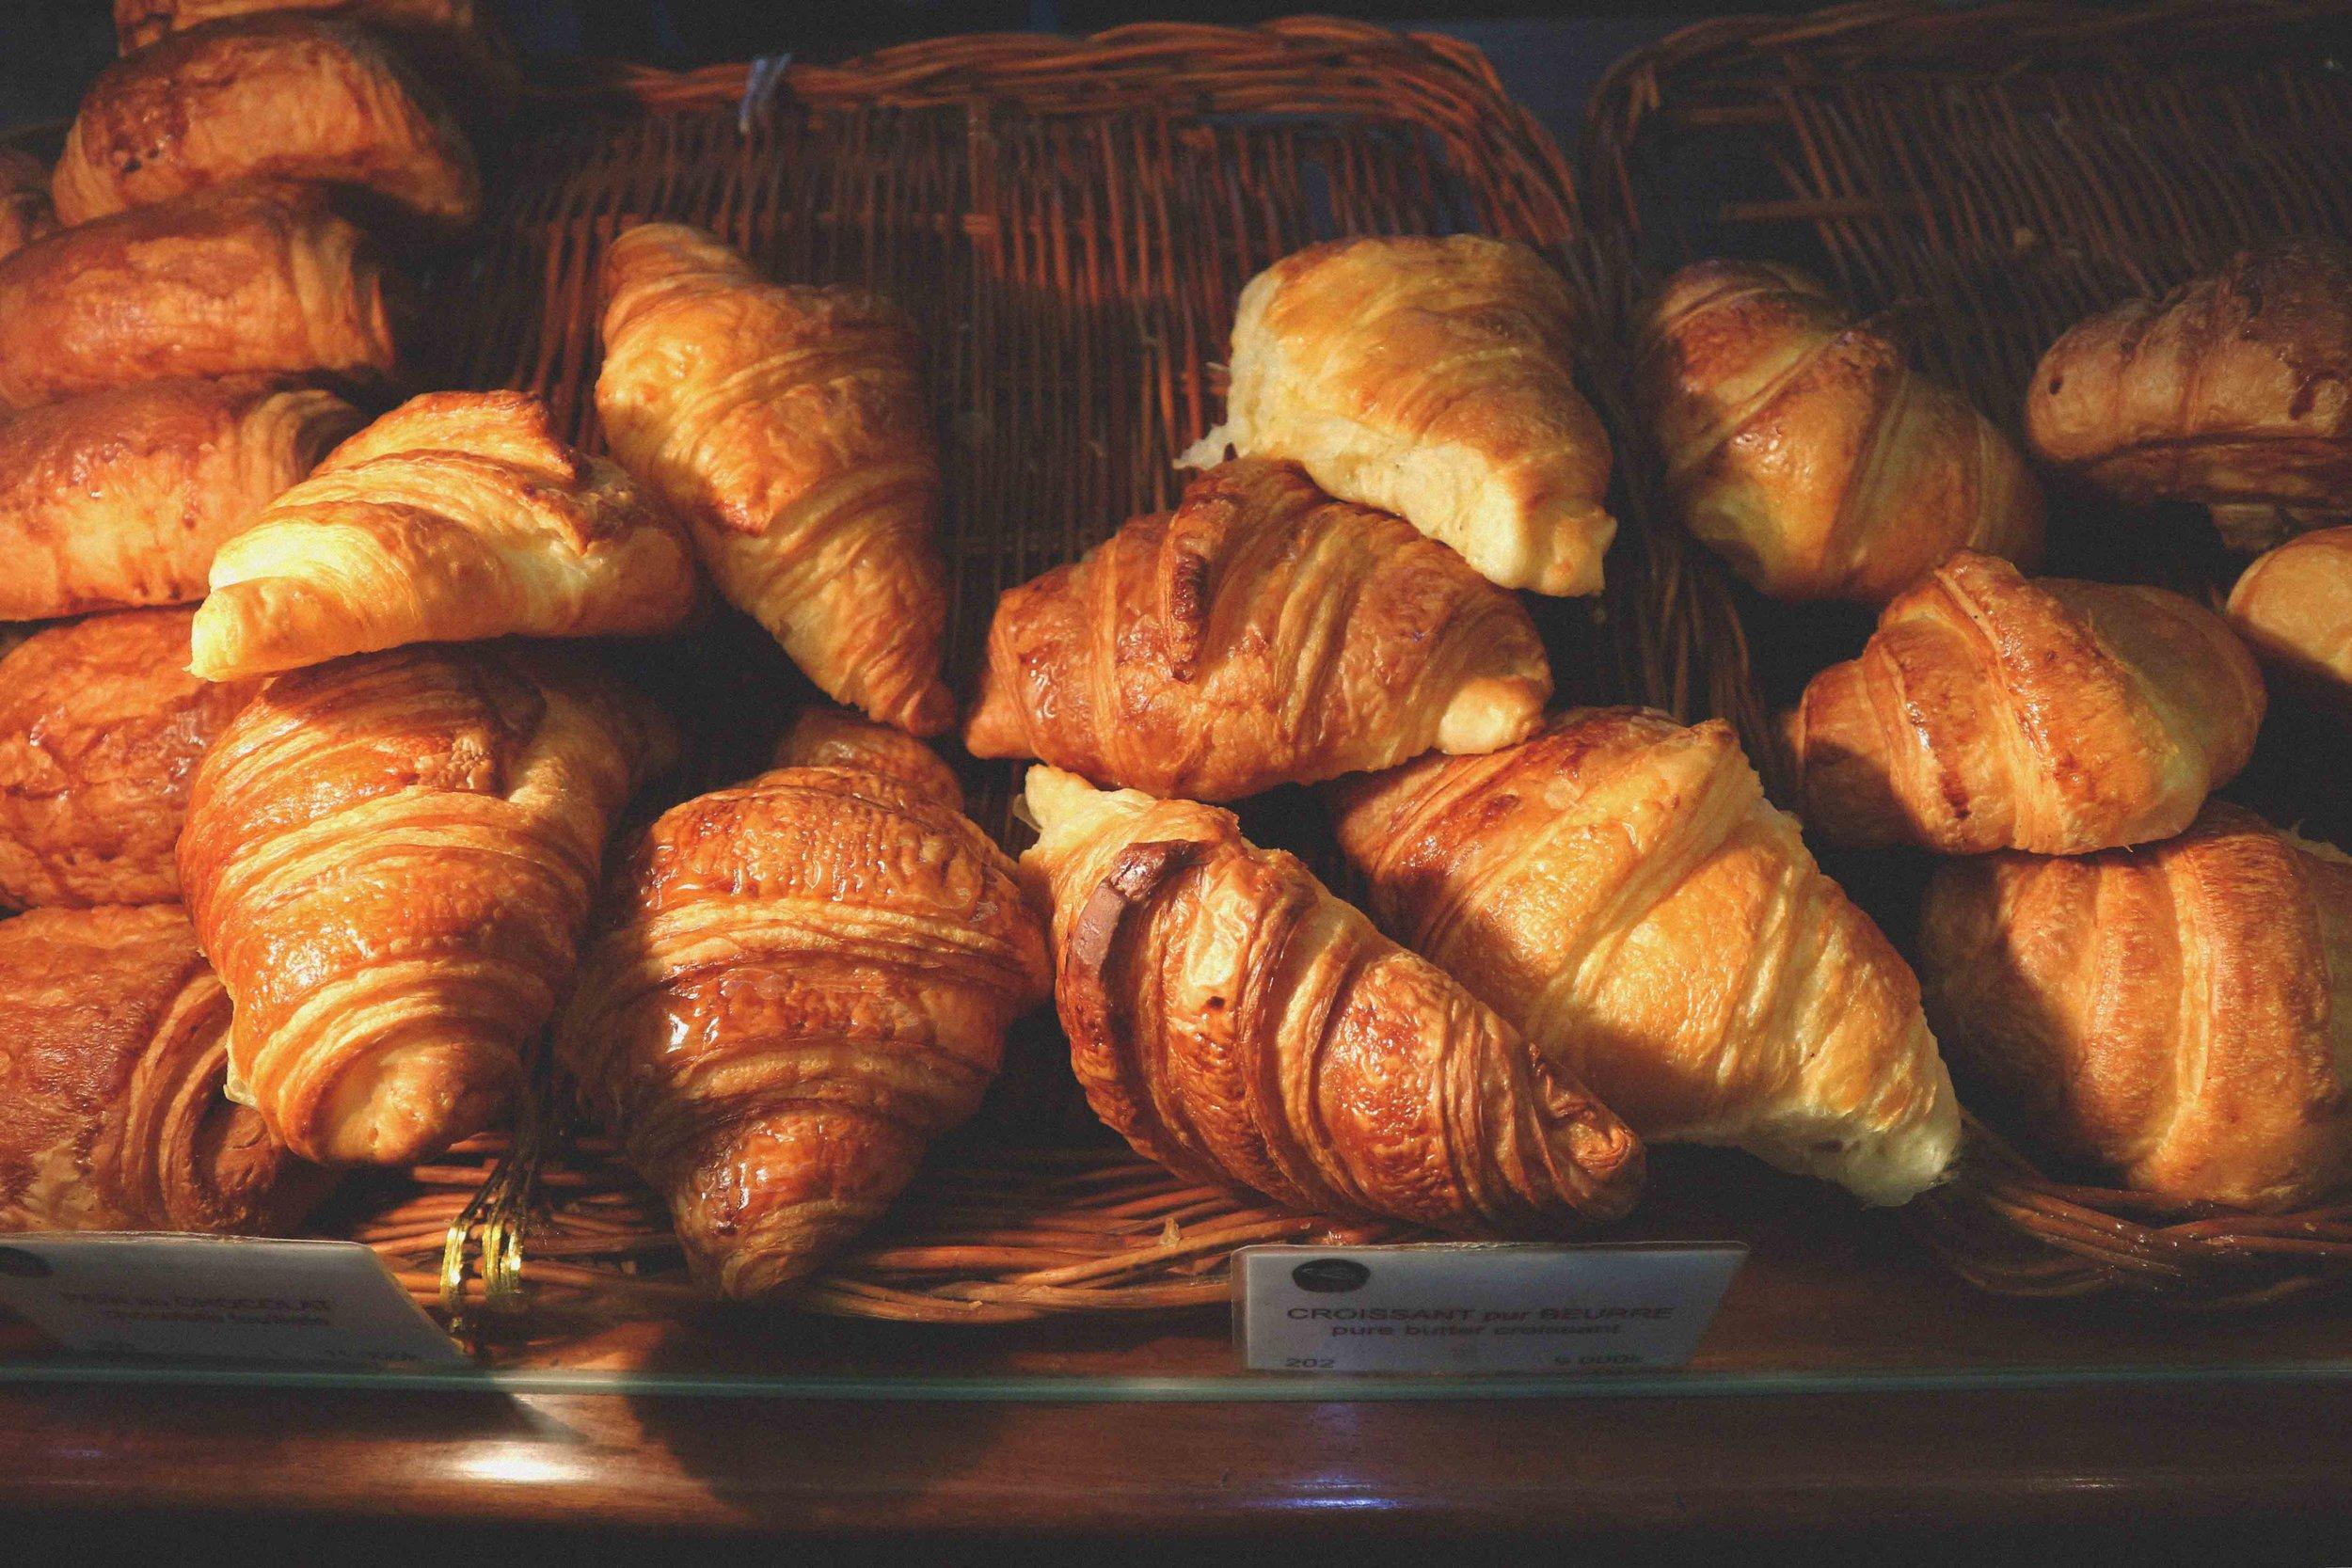 Croissants in Le Banneton